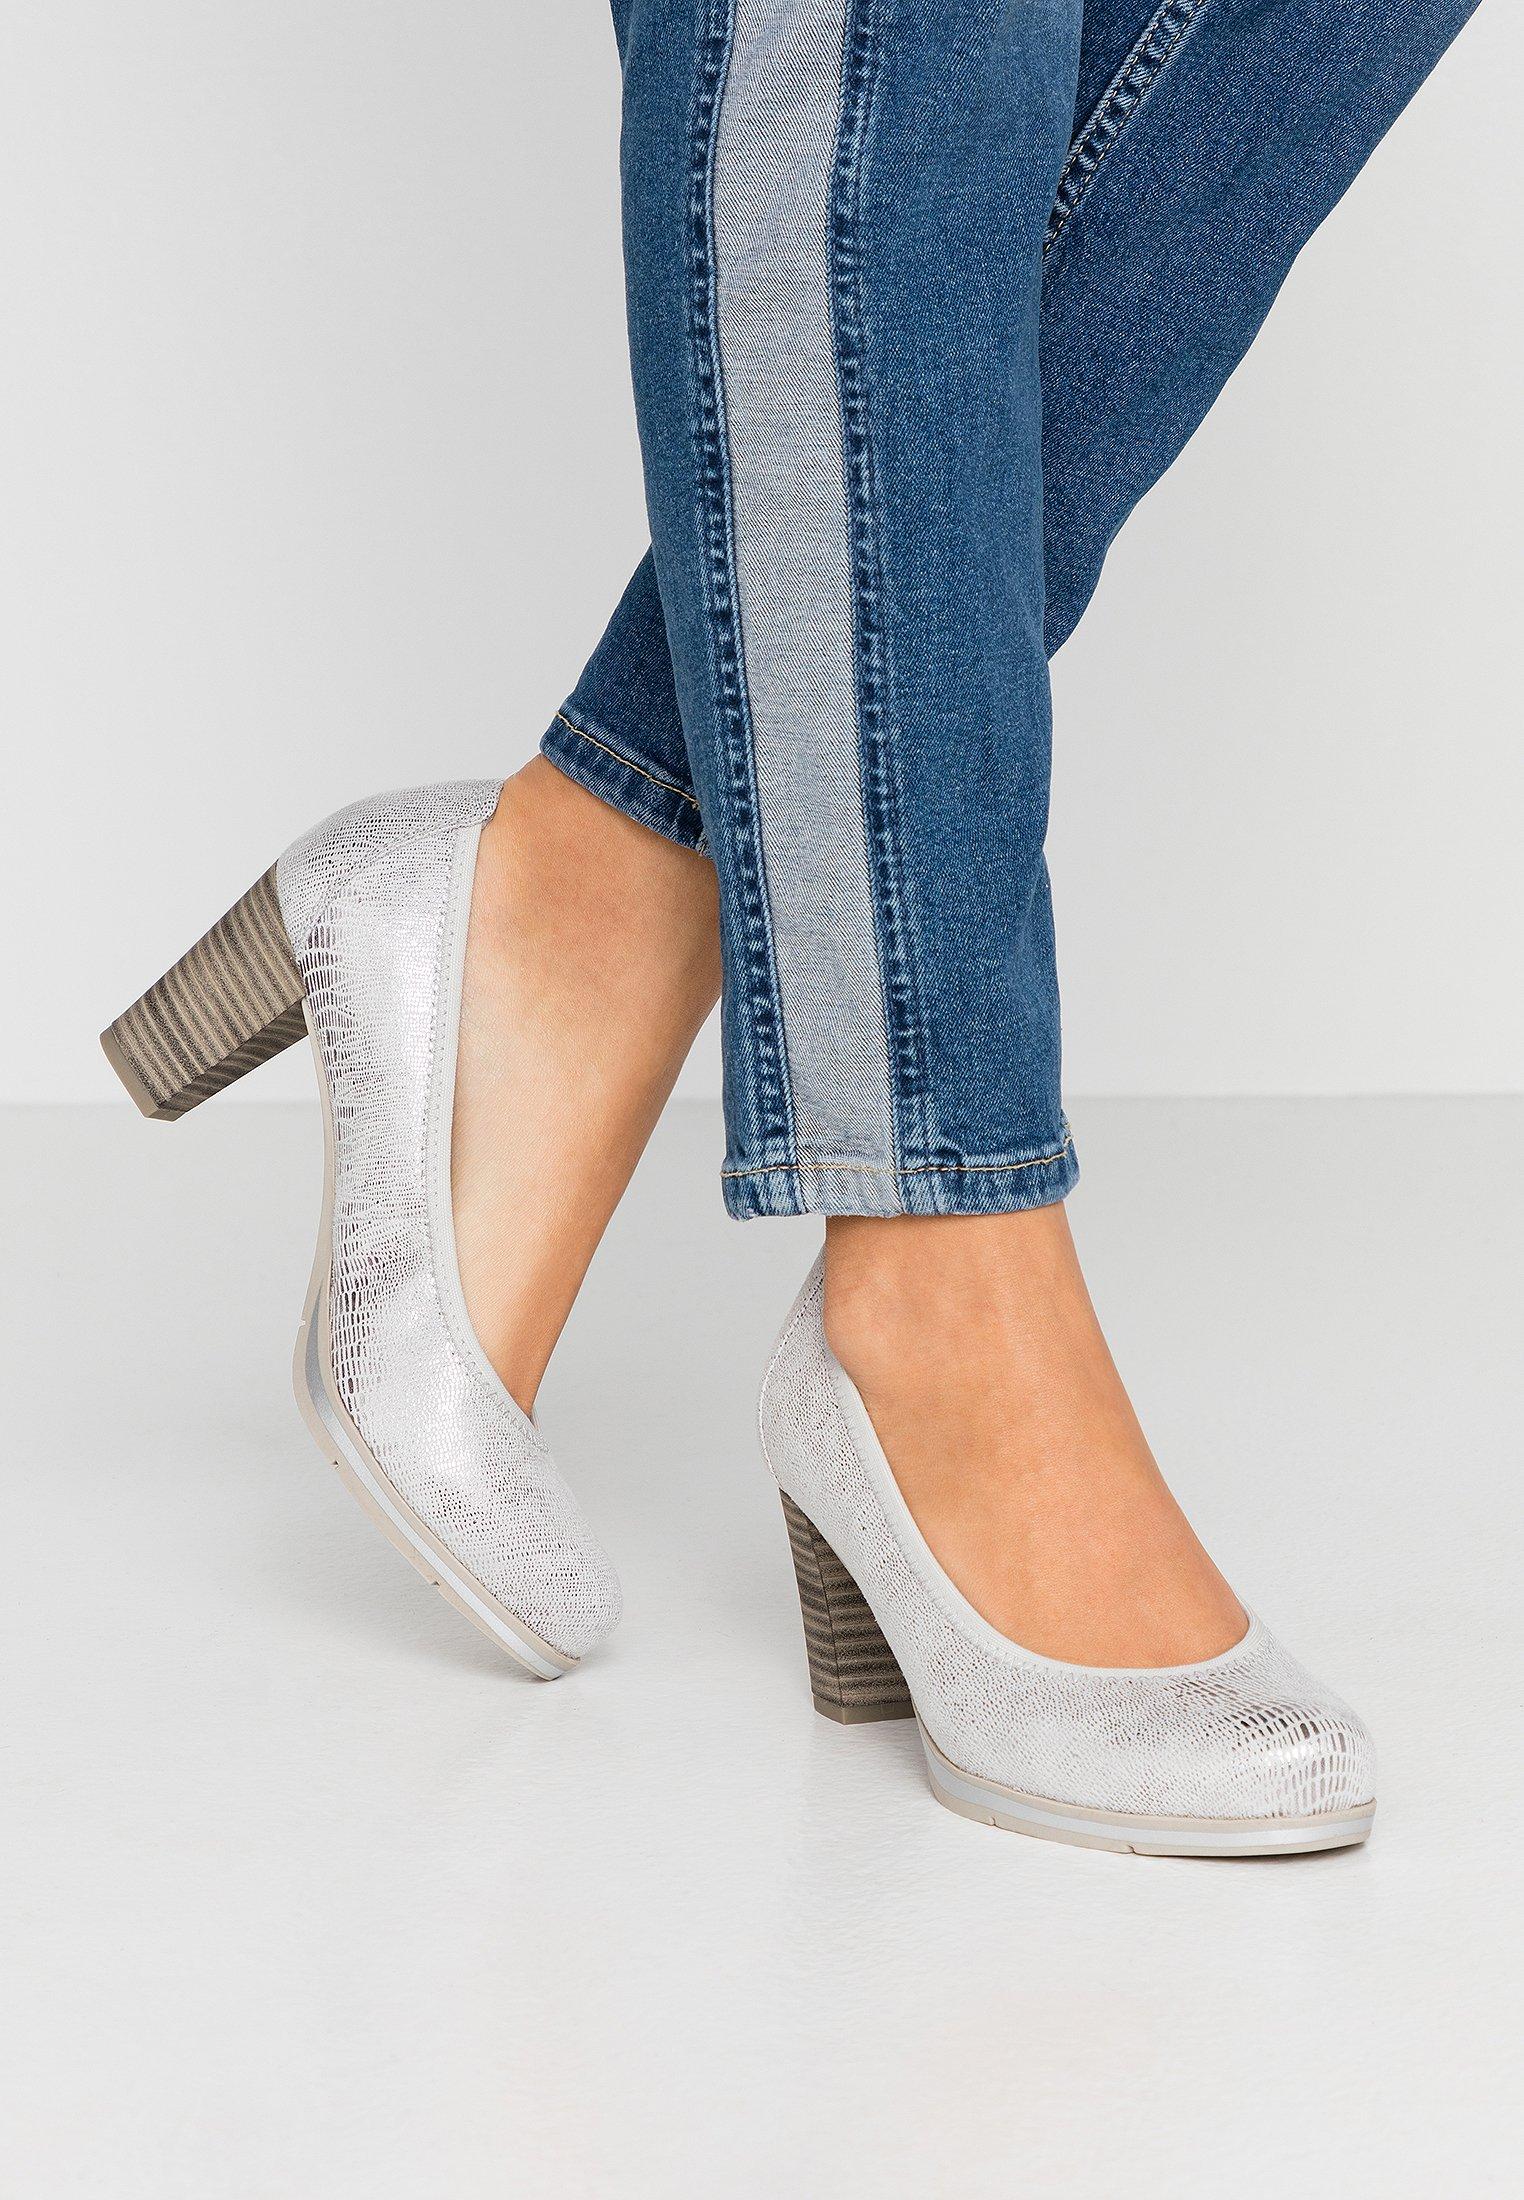 Jana Escarpins - white - Chaussures à talons femme Pas cher